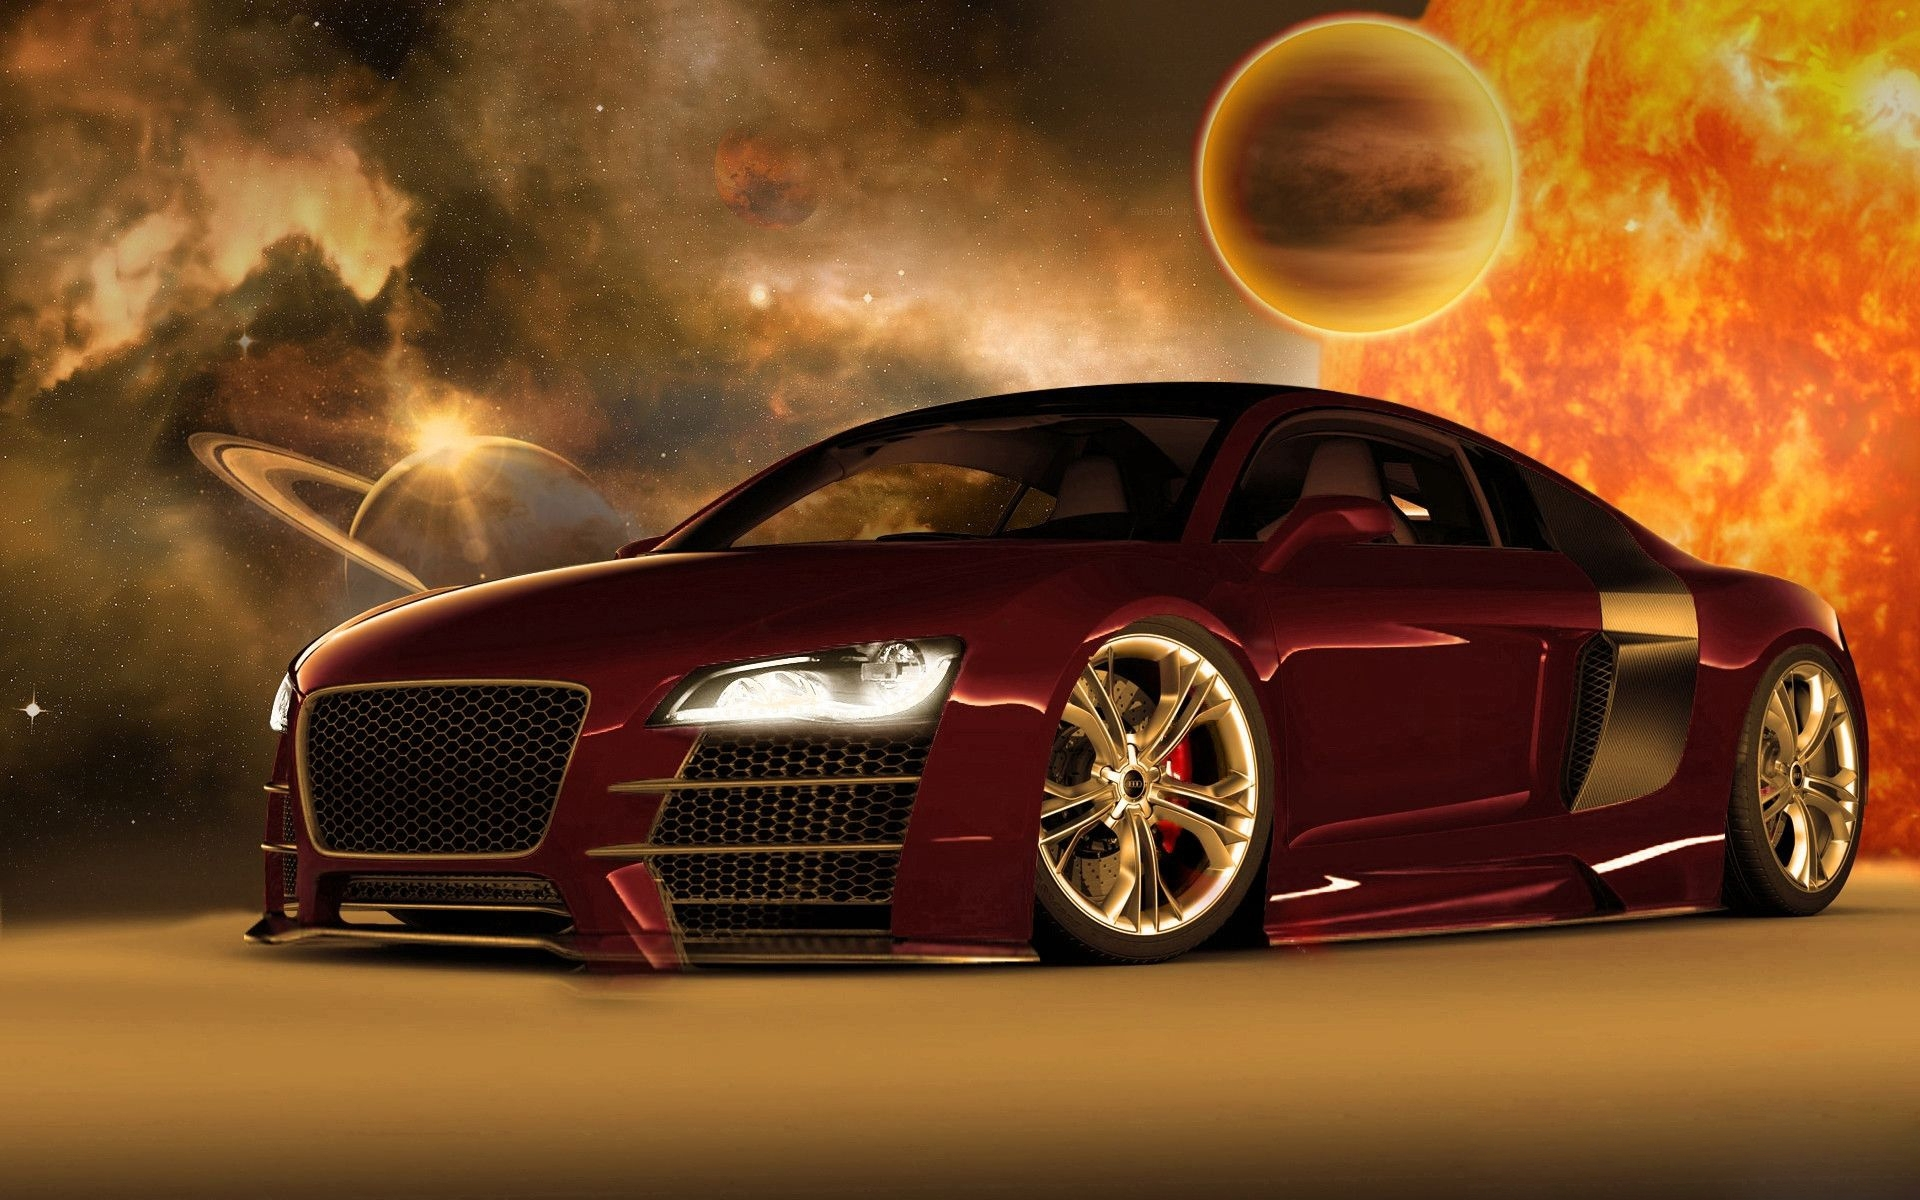 1080p car wallpaper hd | pixelstalk